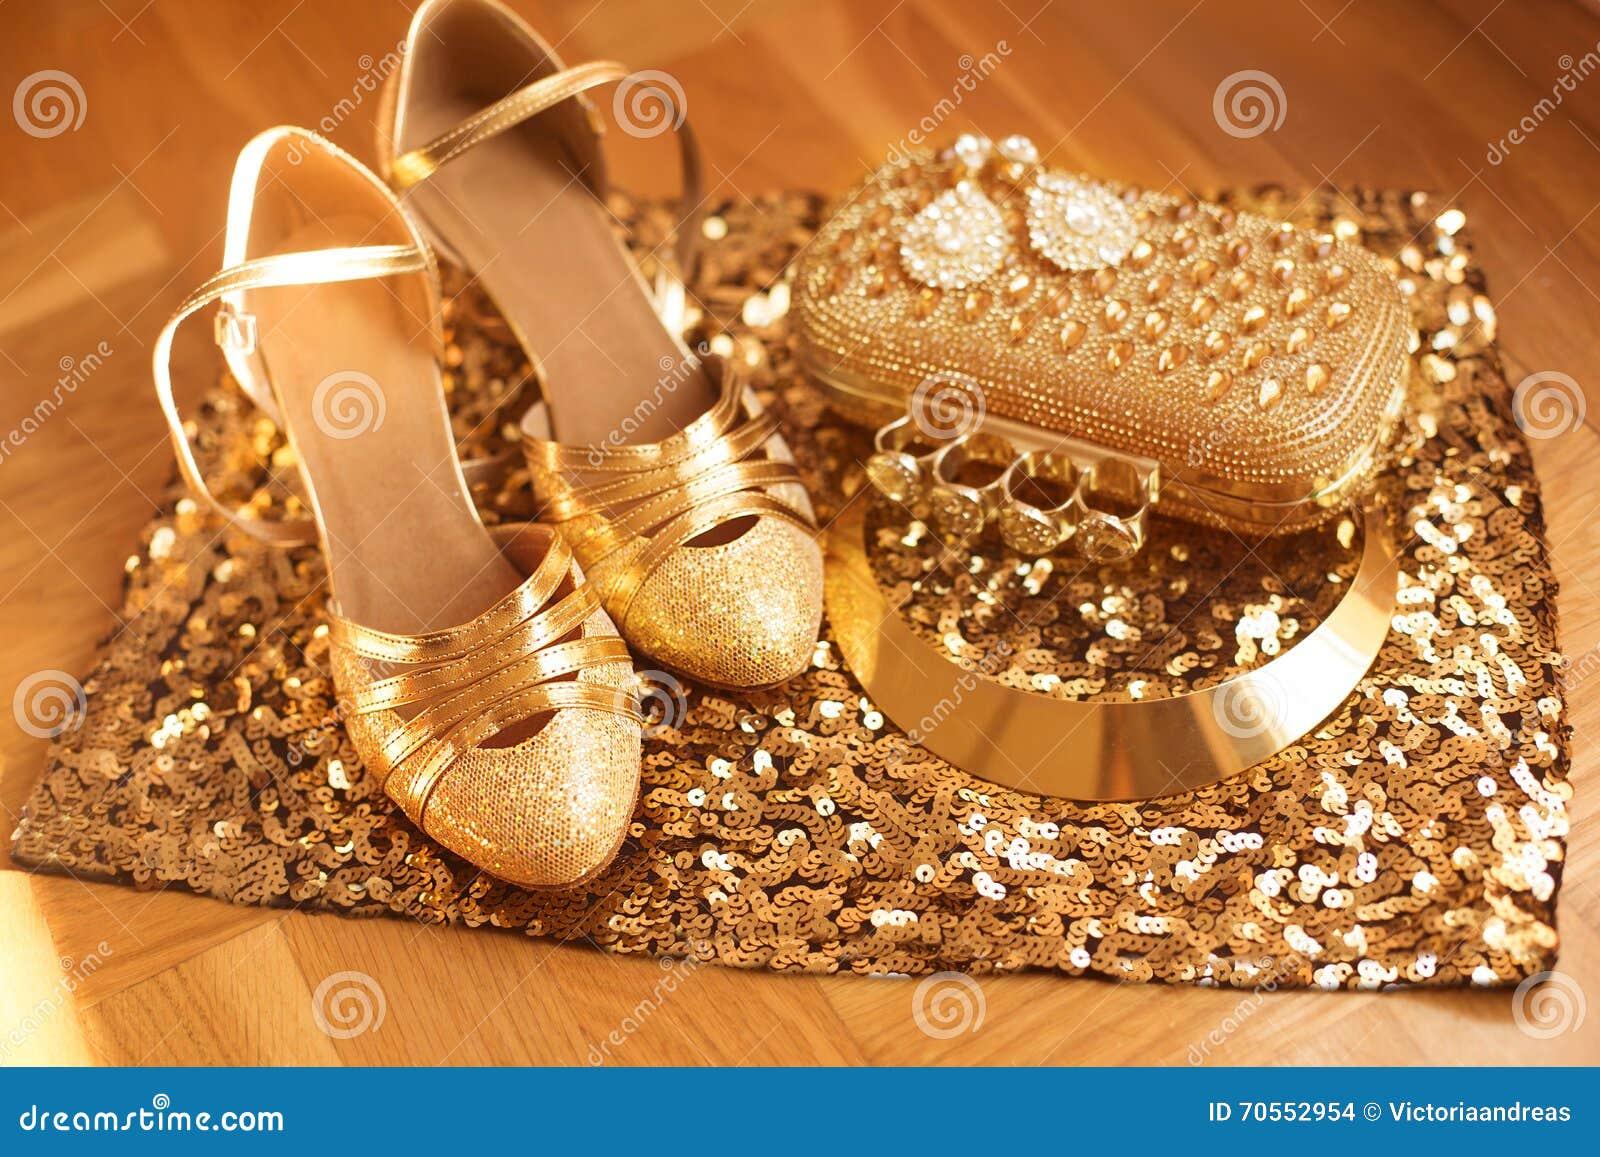 a4d5376943 Golden Ropa Para Mujer Y Accesorios Zapatos Moda De Lujo Foto de ...